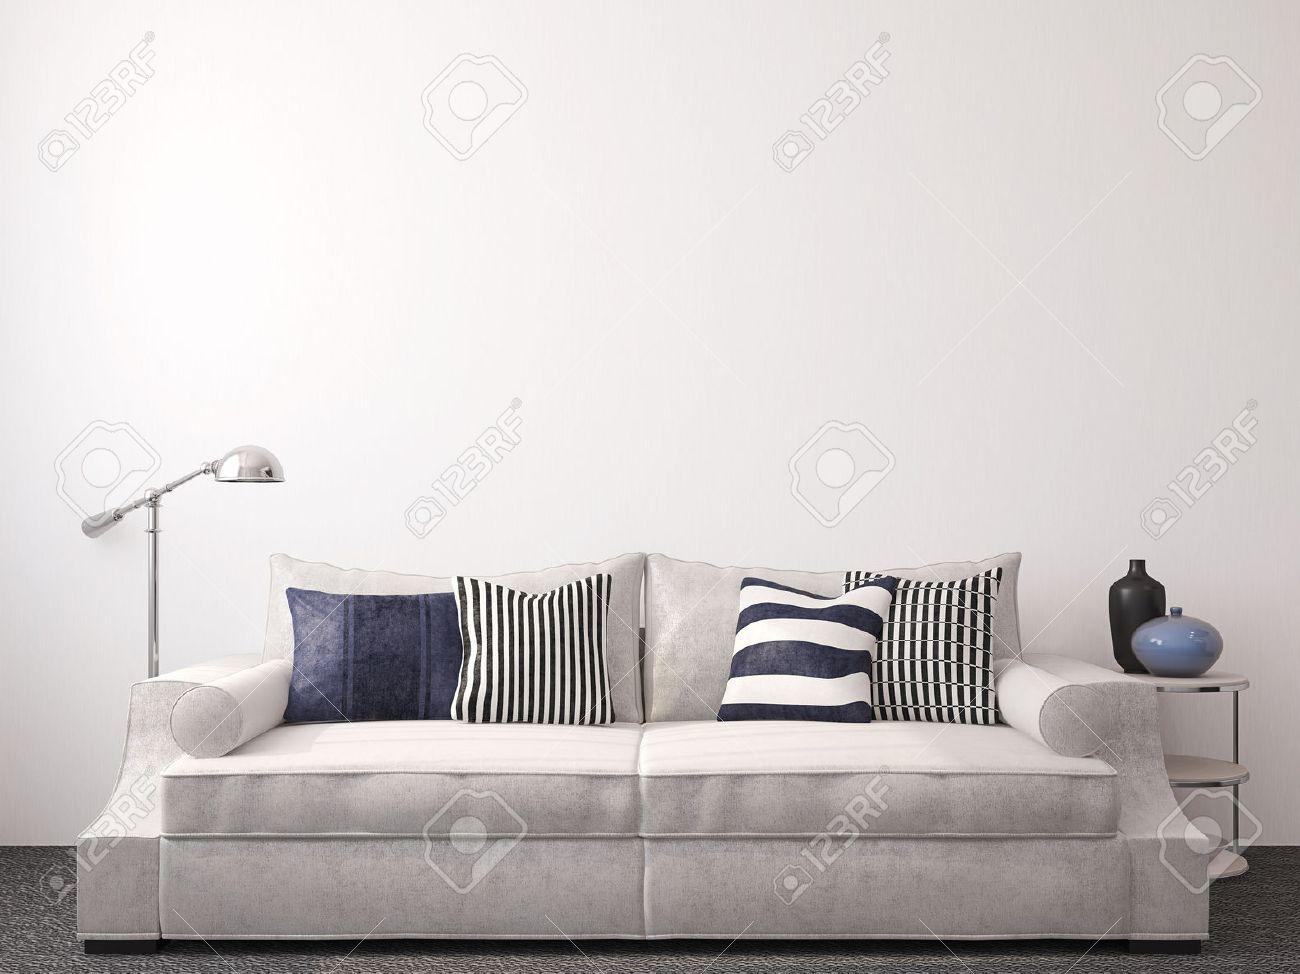 Moderne Wohnzimmer Interieur Mit Sofa In Der Nähe Von Leere Weiße Wand.  3D Darstellung